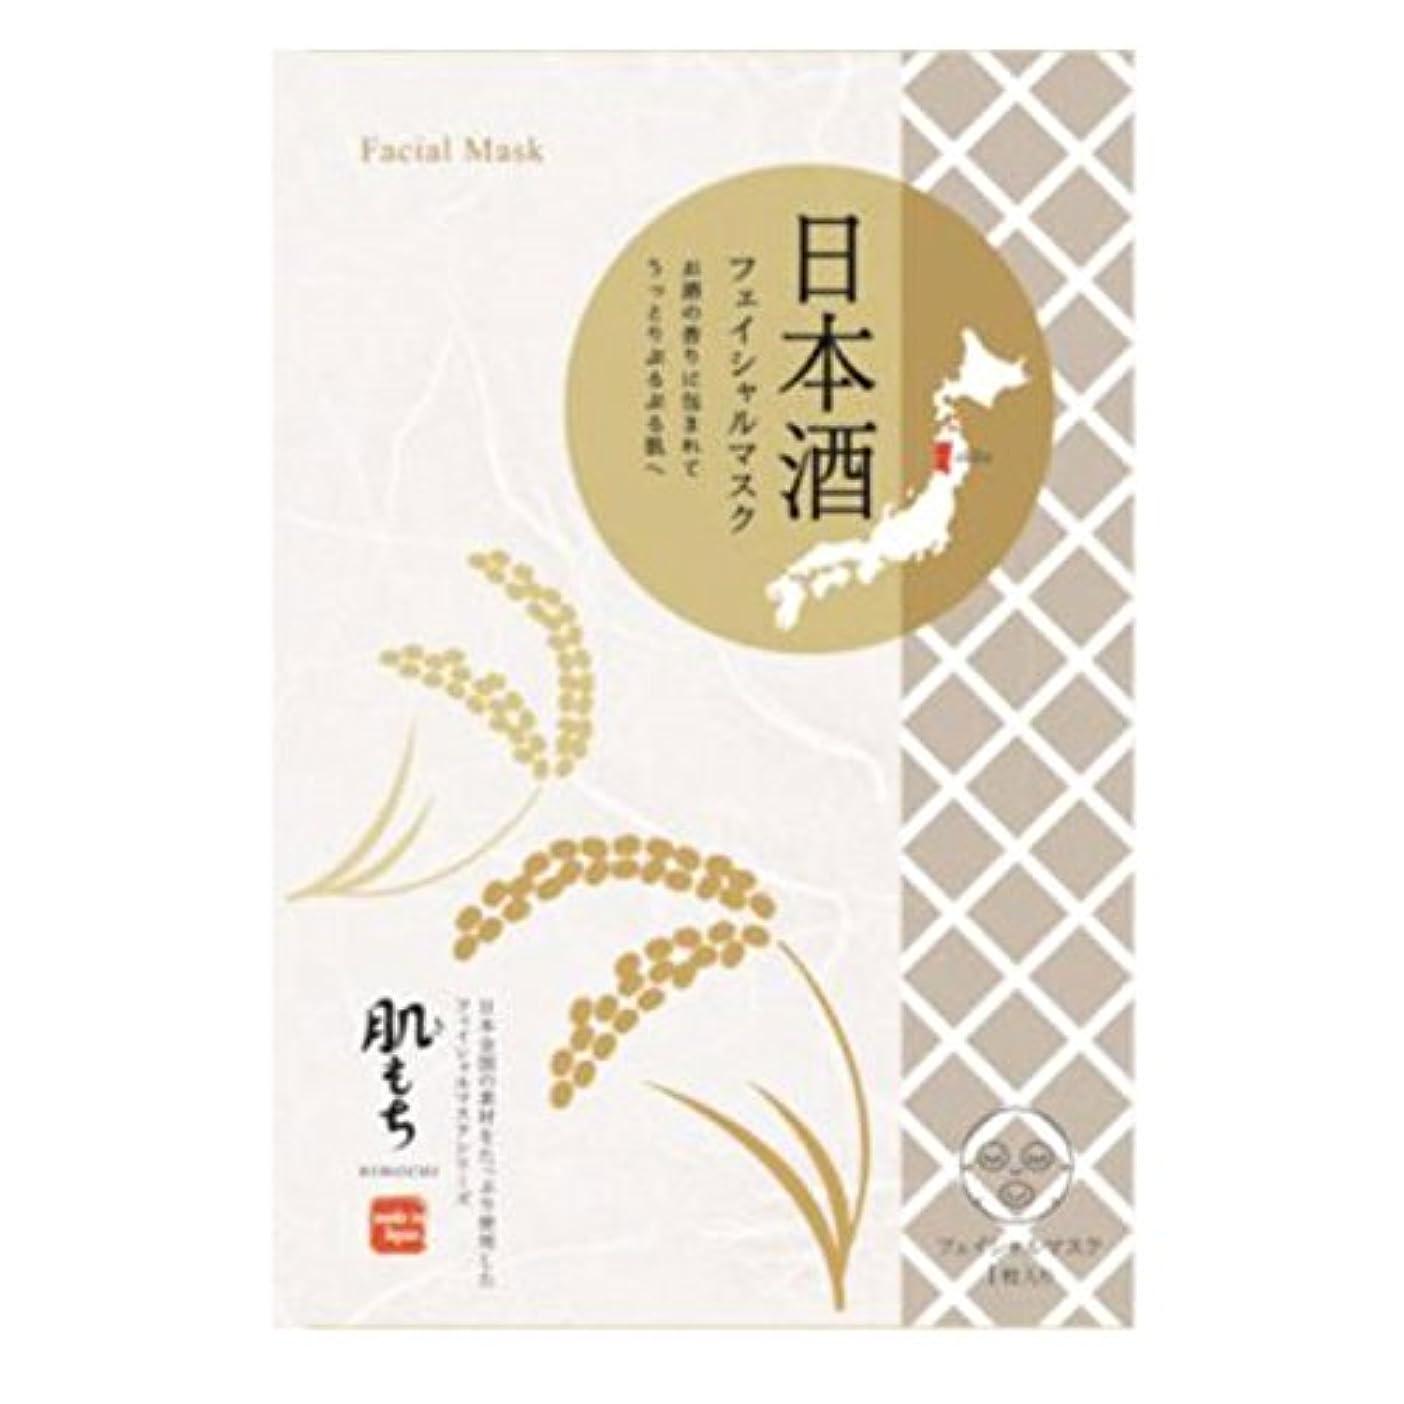 北東深遠男やもめ肌もち(きもち) フェイシャルマスク 日本酒(1枚20ml) 5枚セット